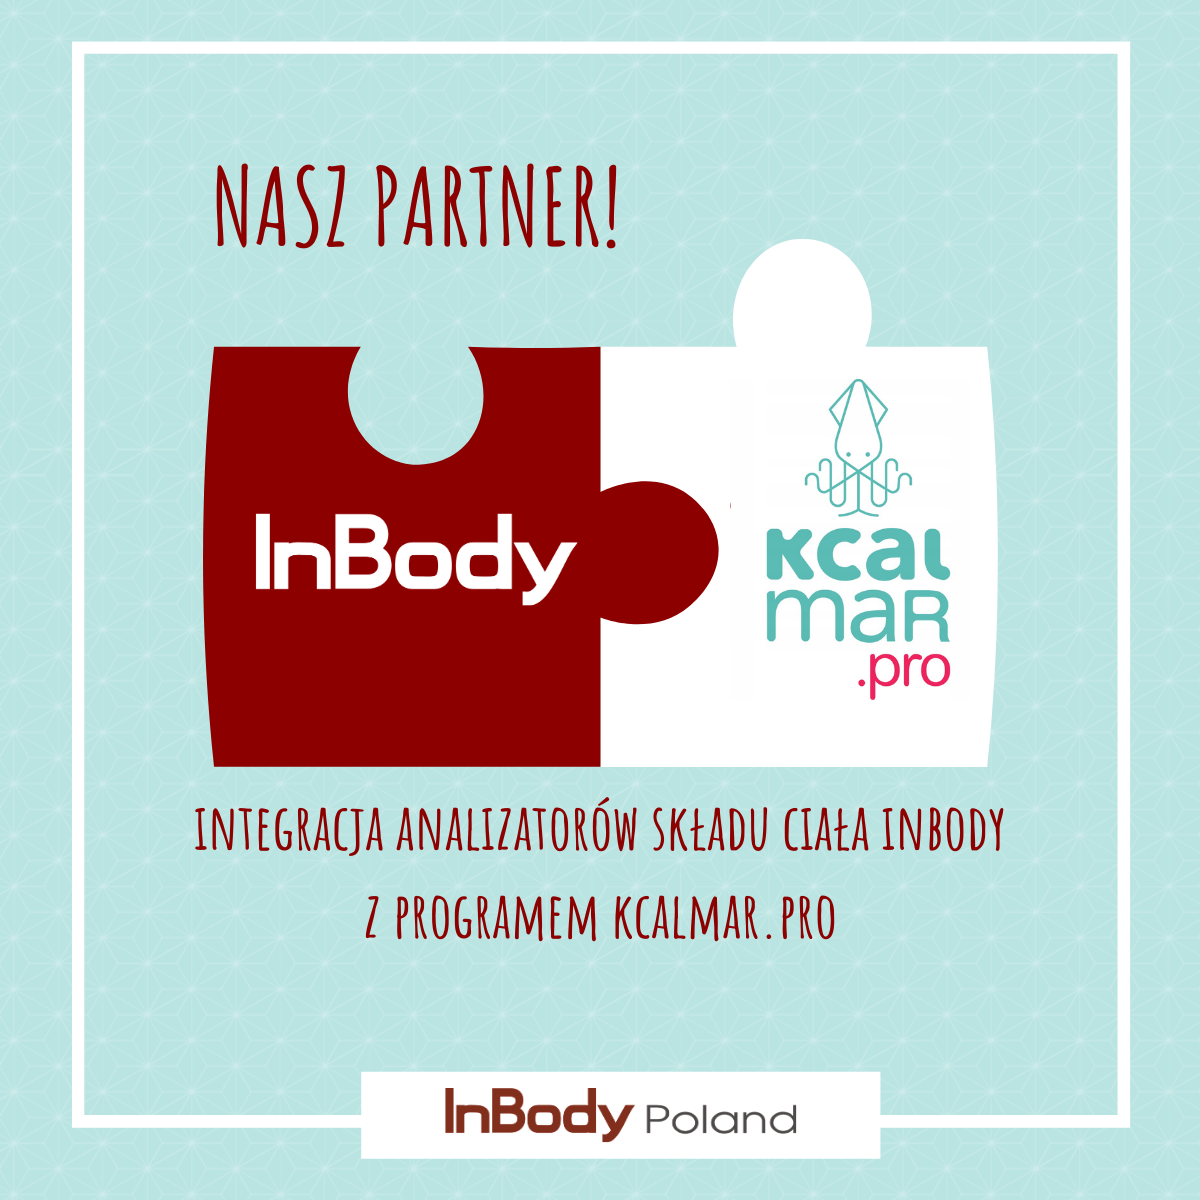 Integracja InBody z Kcalmar.pro